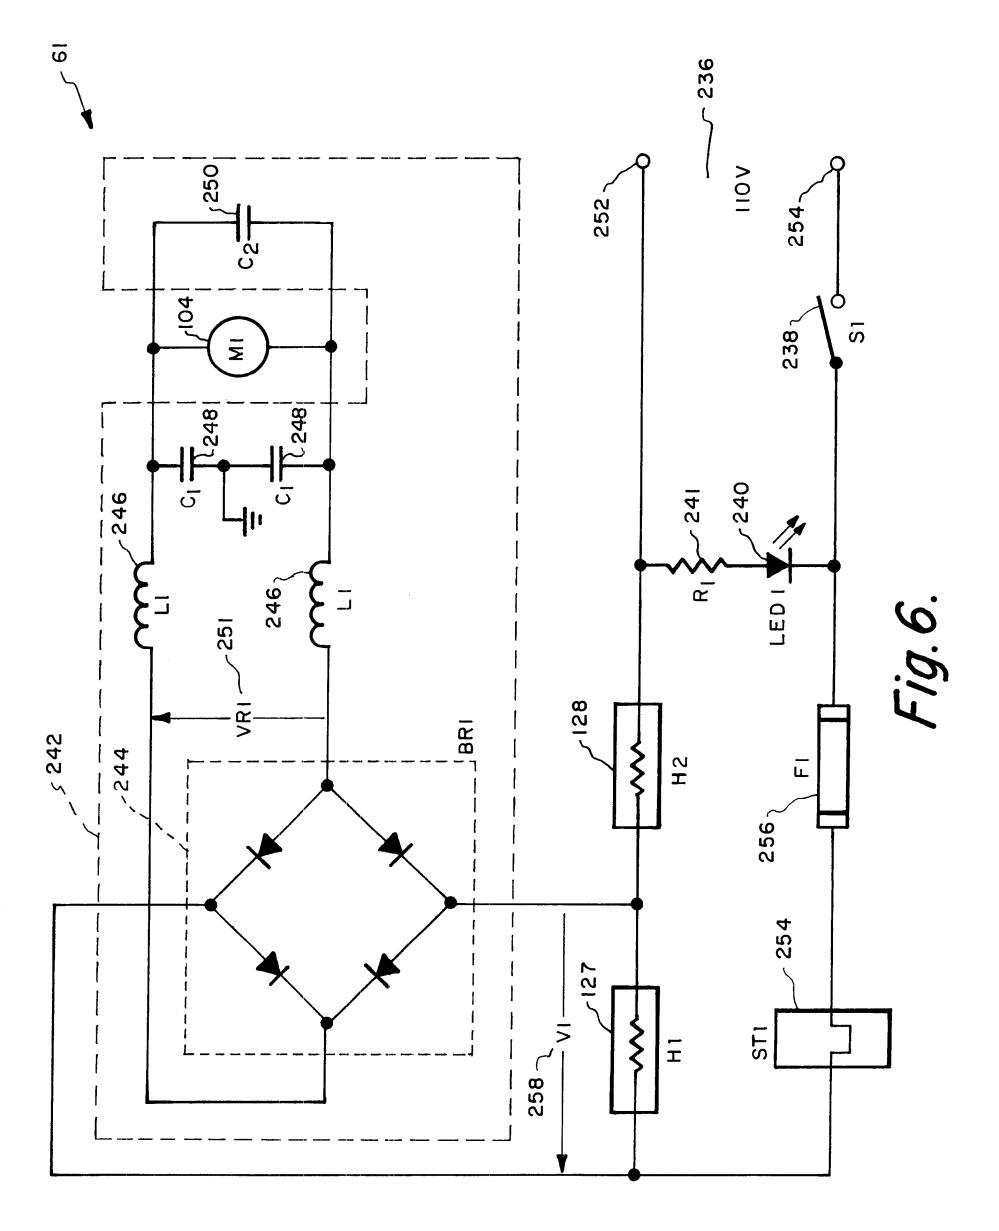 medium resolution of popcorn popper wiring diagram wiring diagram metadiagram elite popcorn machine wiring diagrams full version hd